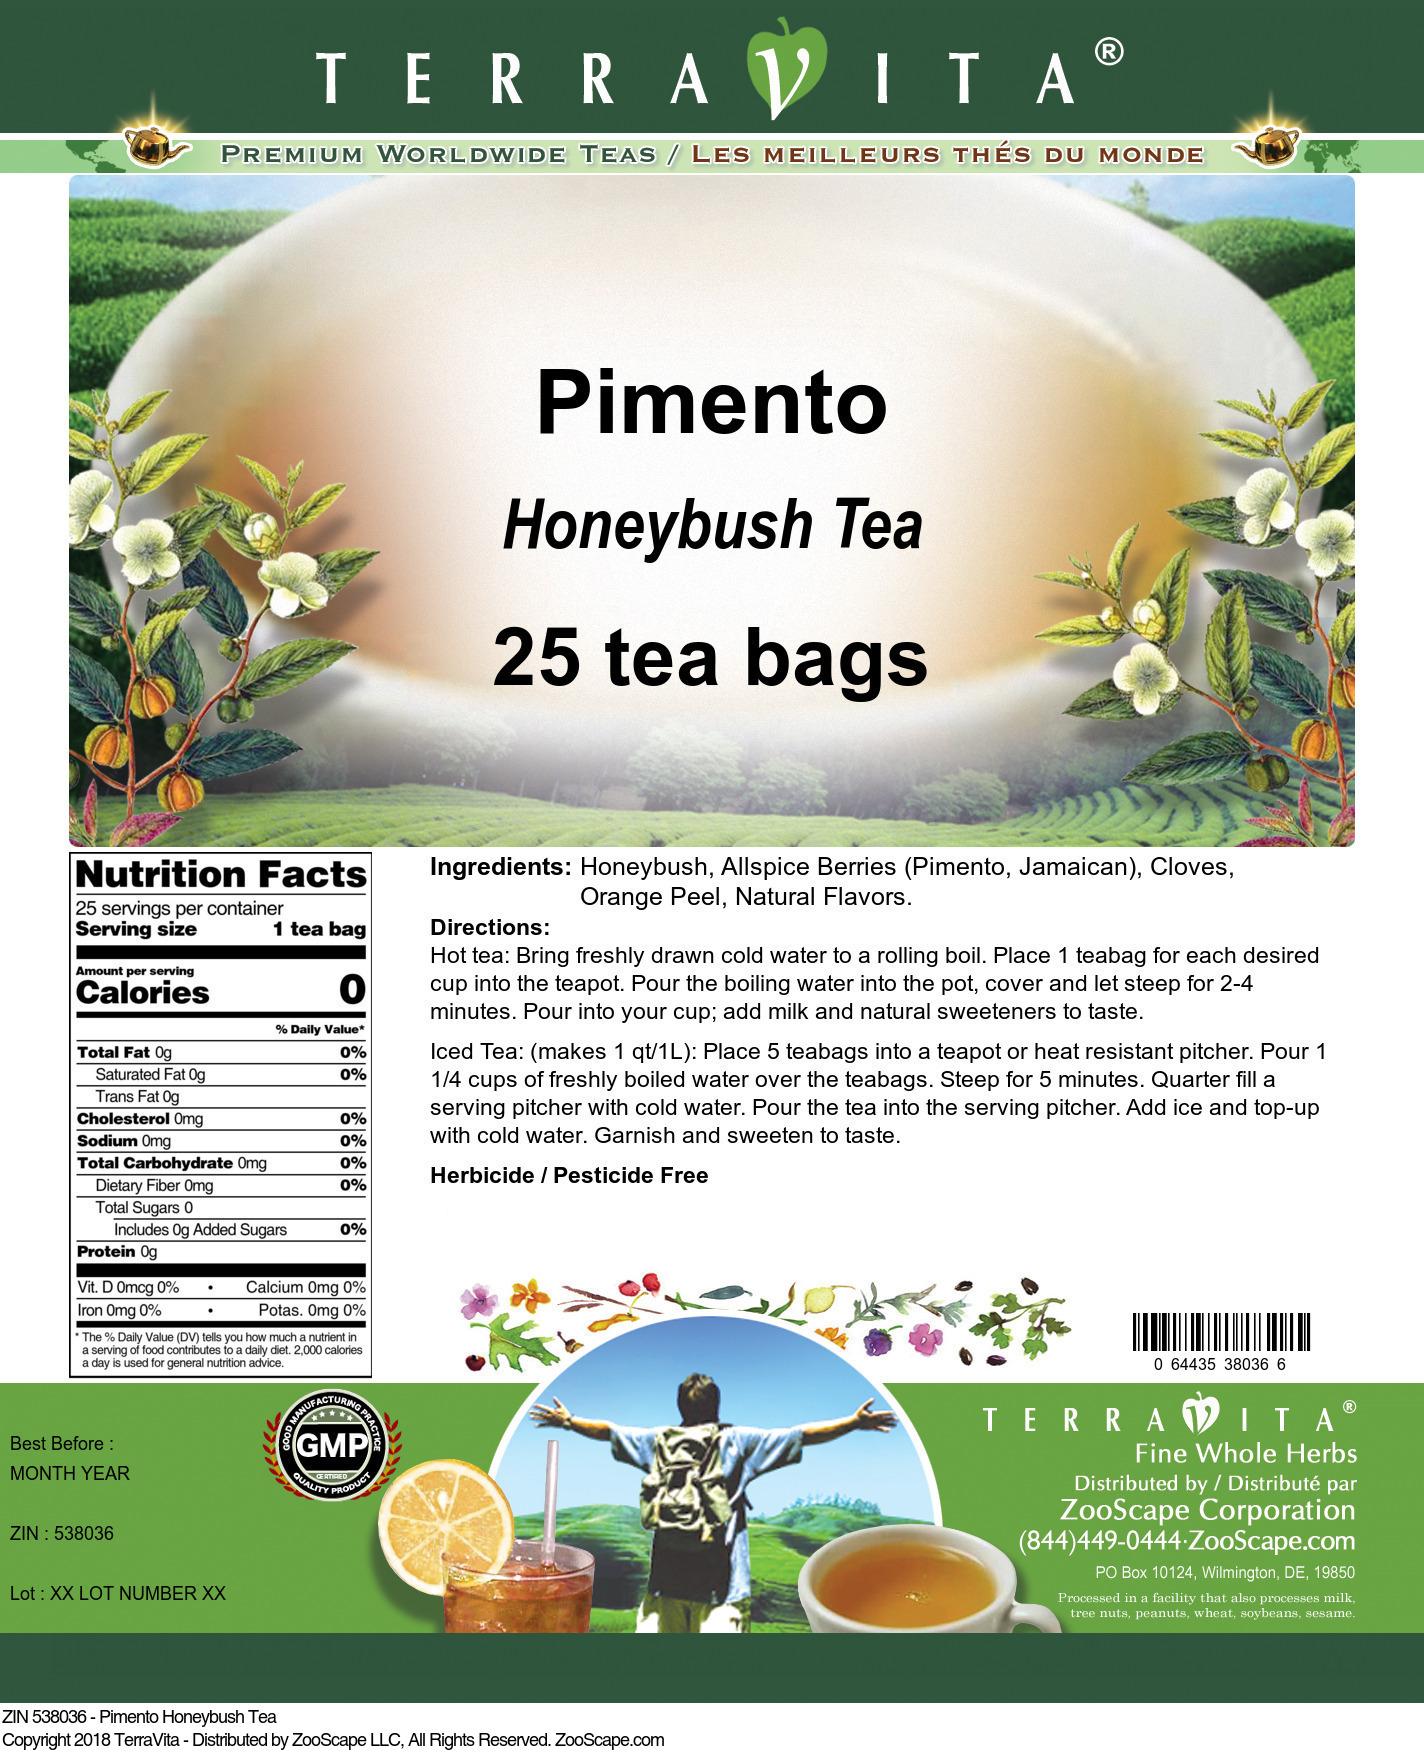 Pimento Honeybush Tea